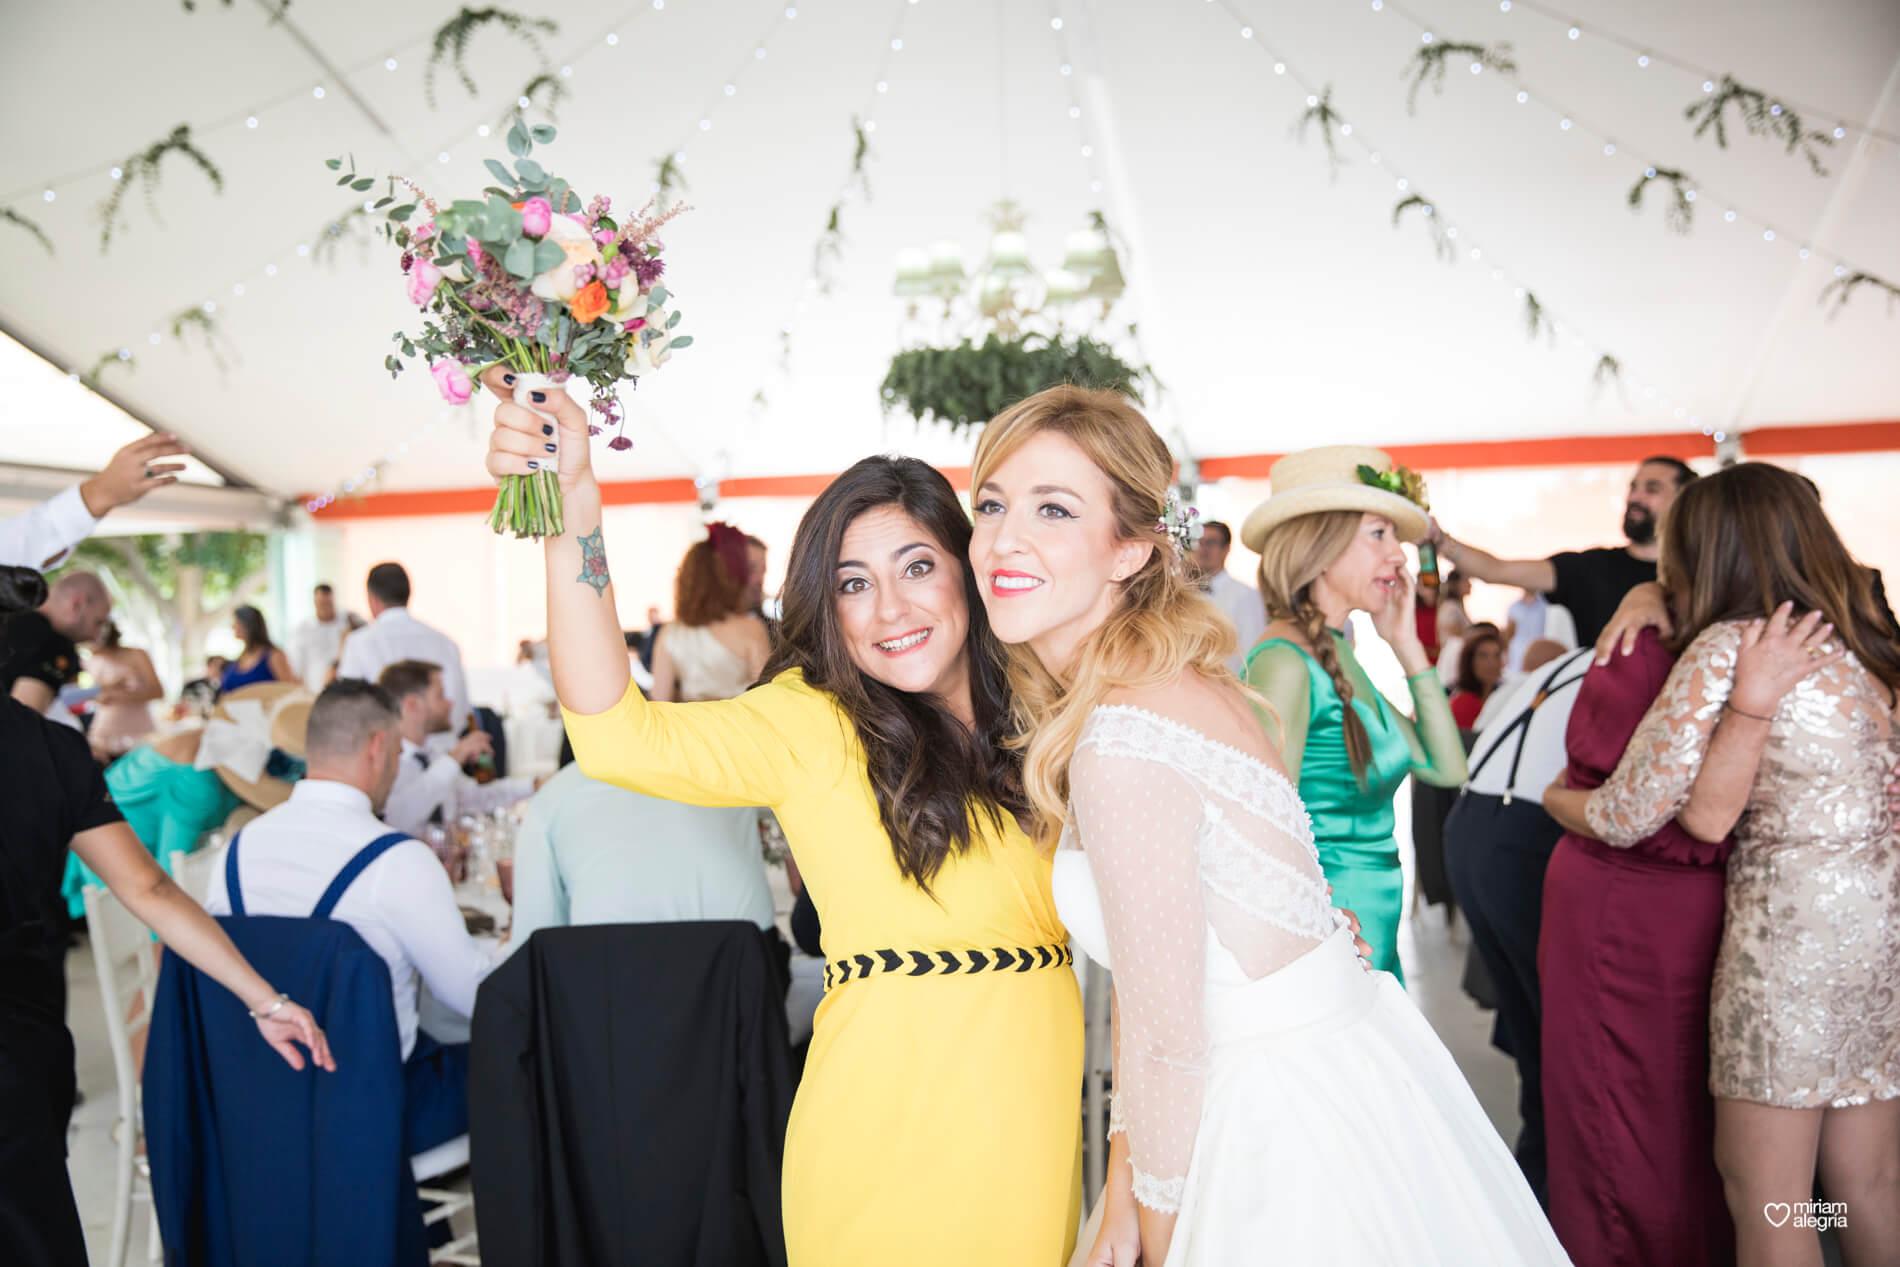 boda-en-finca-villa-vera-de-alemc7-miriam-alegria-fotografos-boda-murcia-191